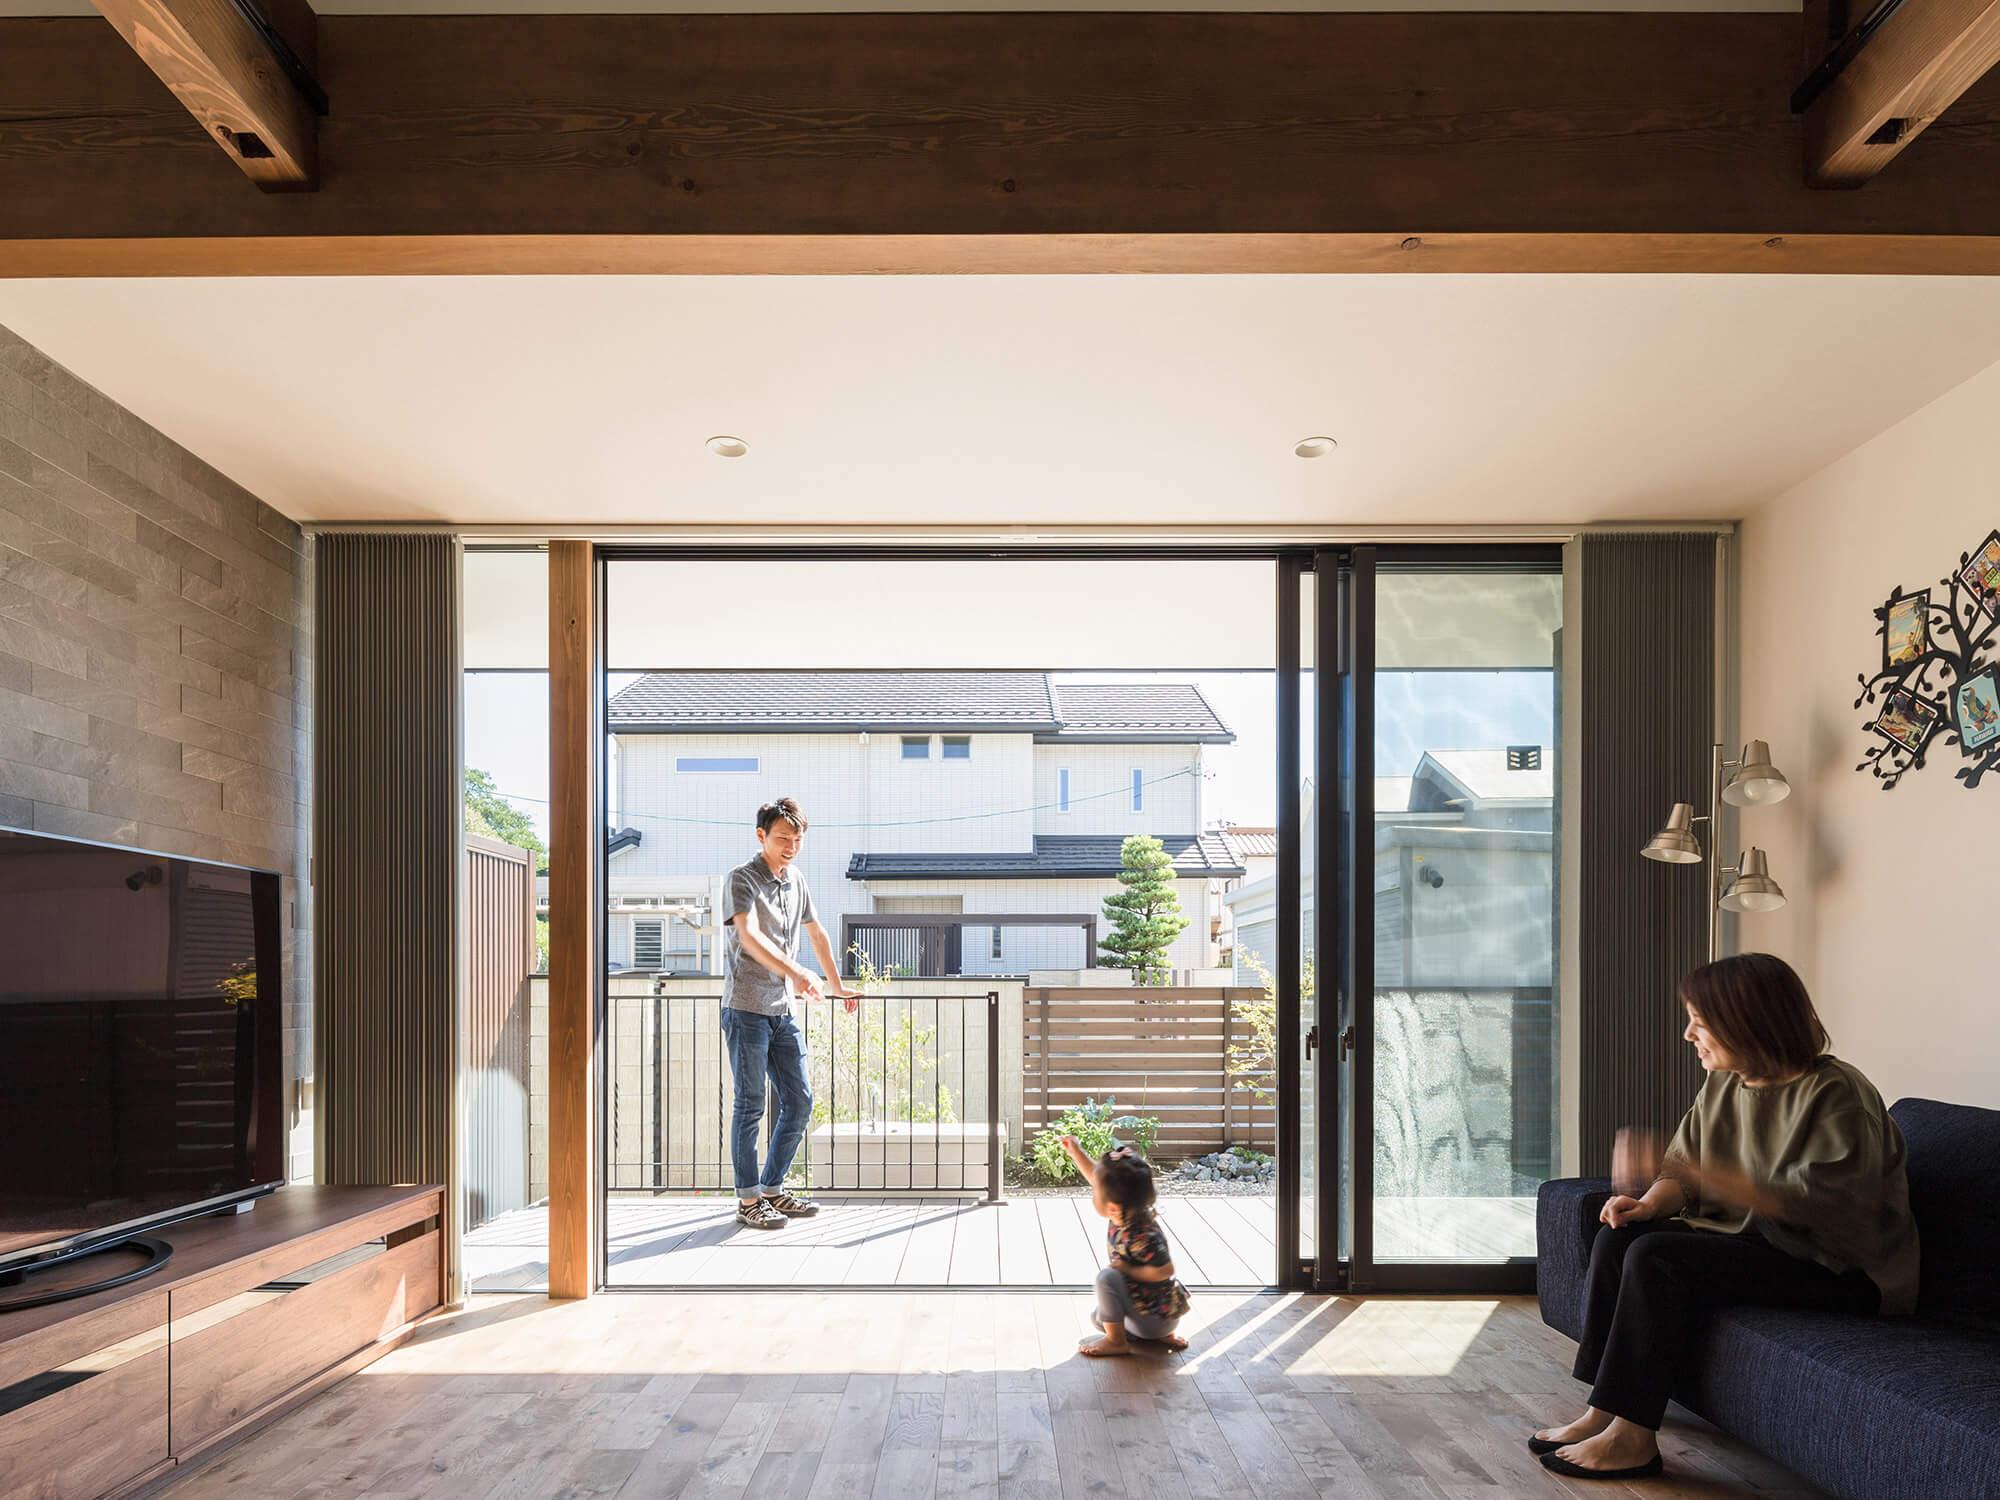 軒の繋がる家06|愛知県犬山市|Natureスペース施工事例